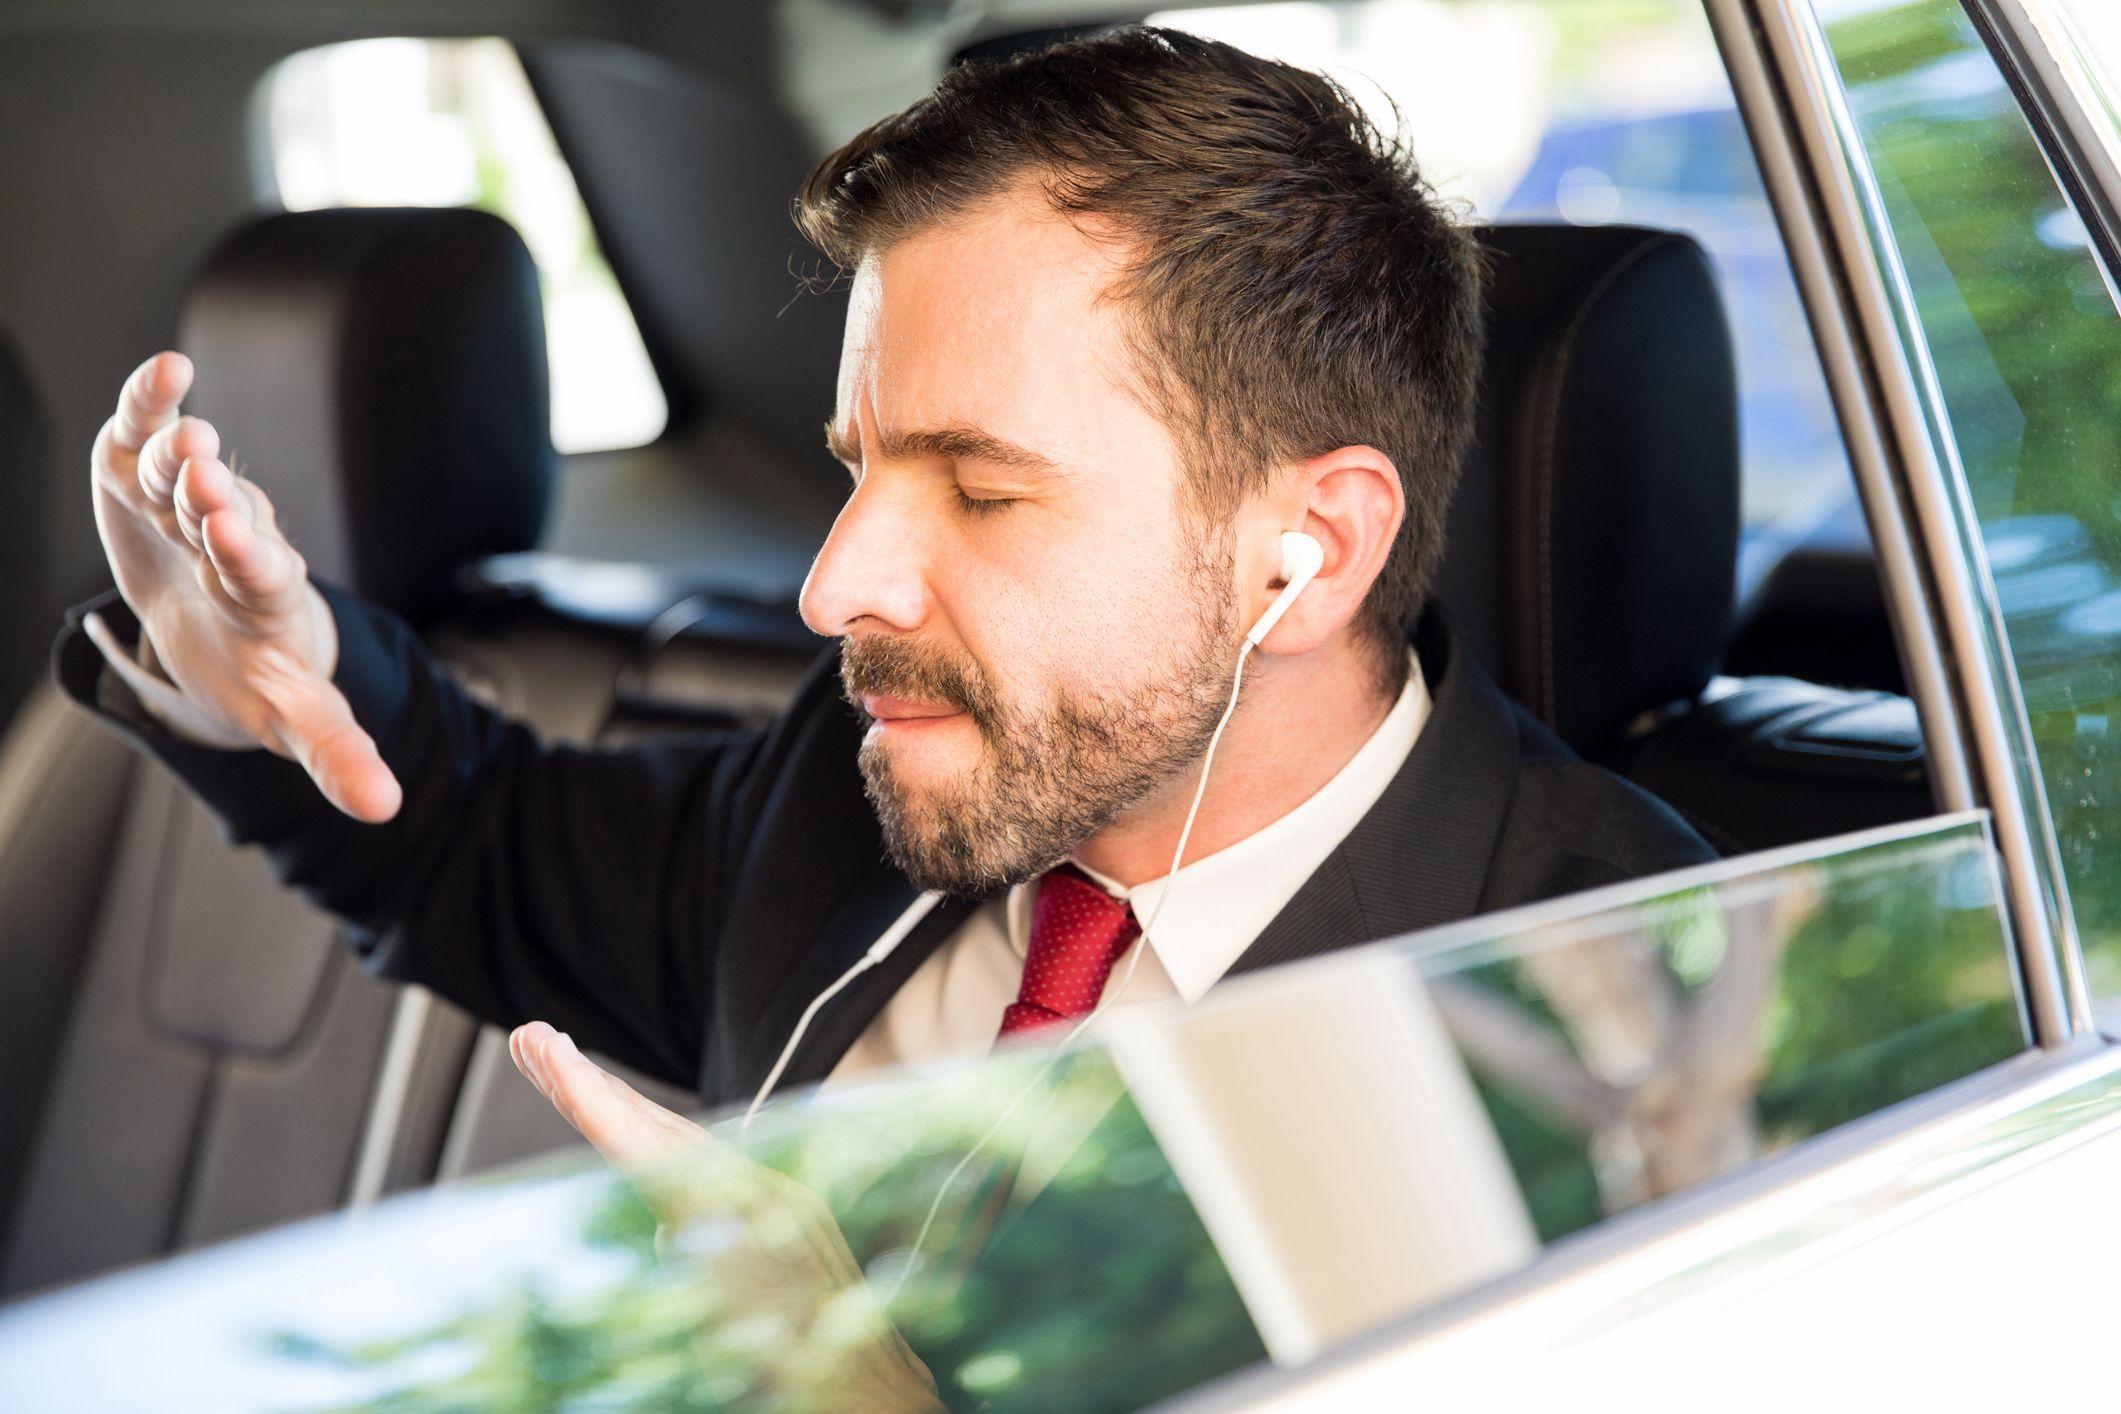 Як музика в авто впливає на водія 3